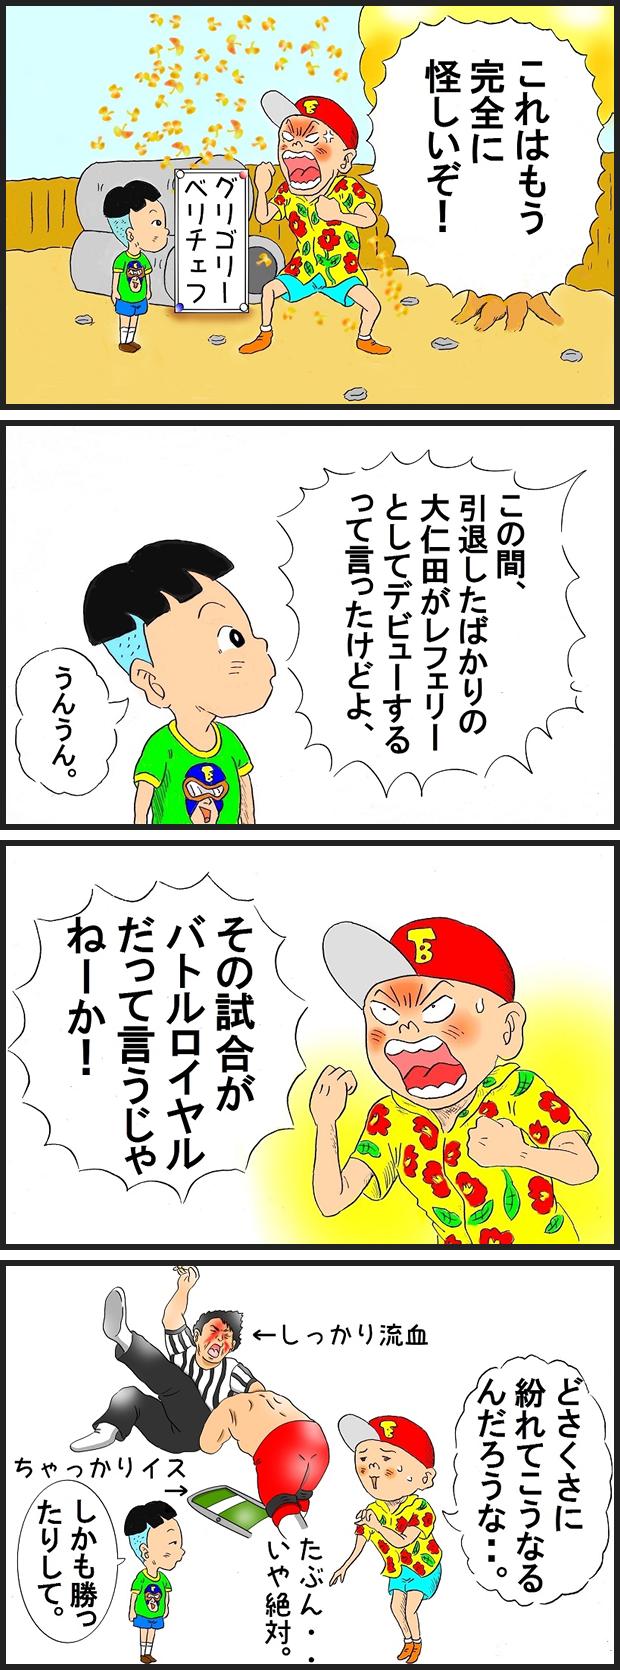 563 大仁田、バトルロイヤル裁く?